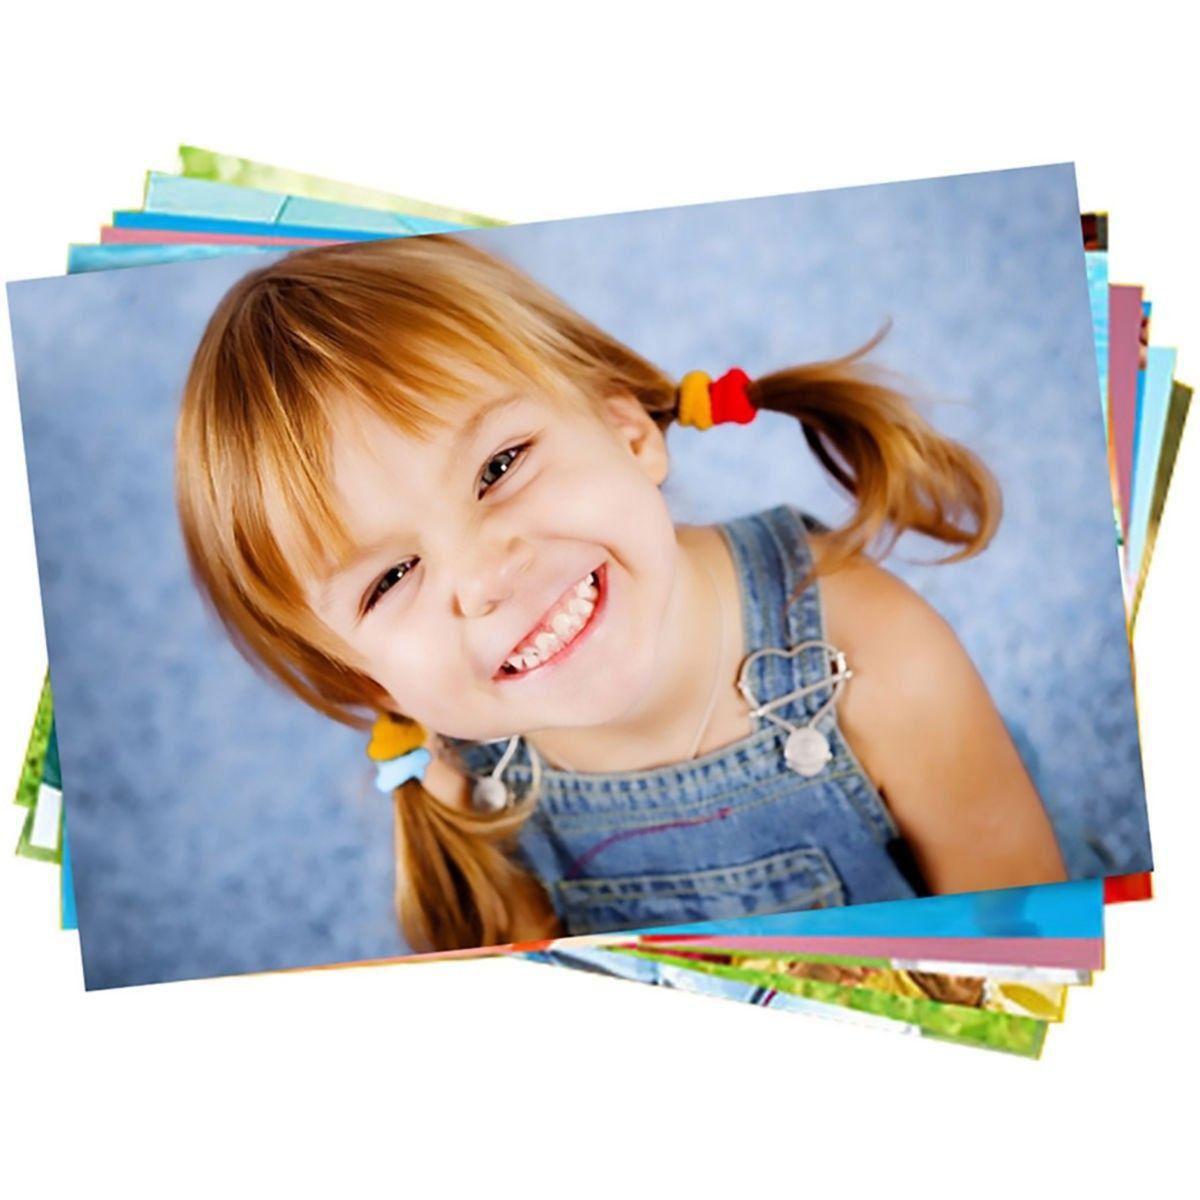 Papel Fotográfico A4 230g Glossy Branco Brilhante Resistente à Água / 200 folhas